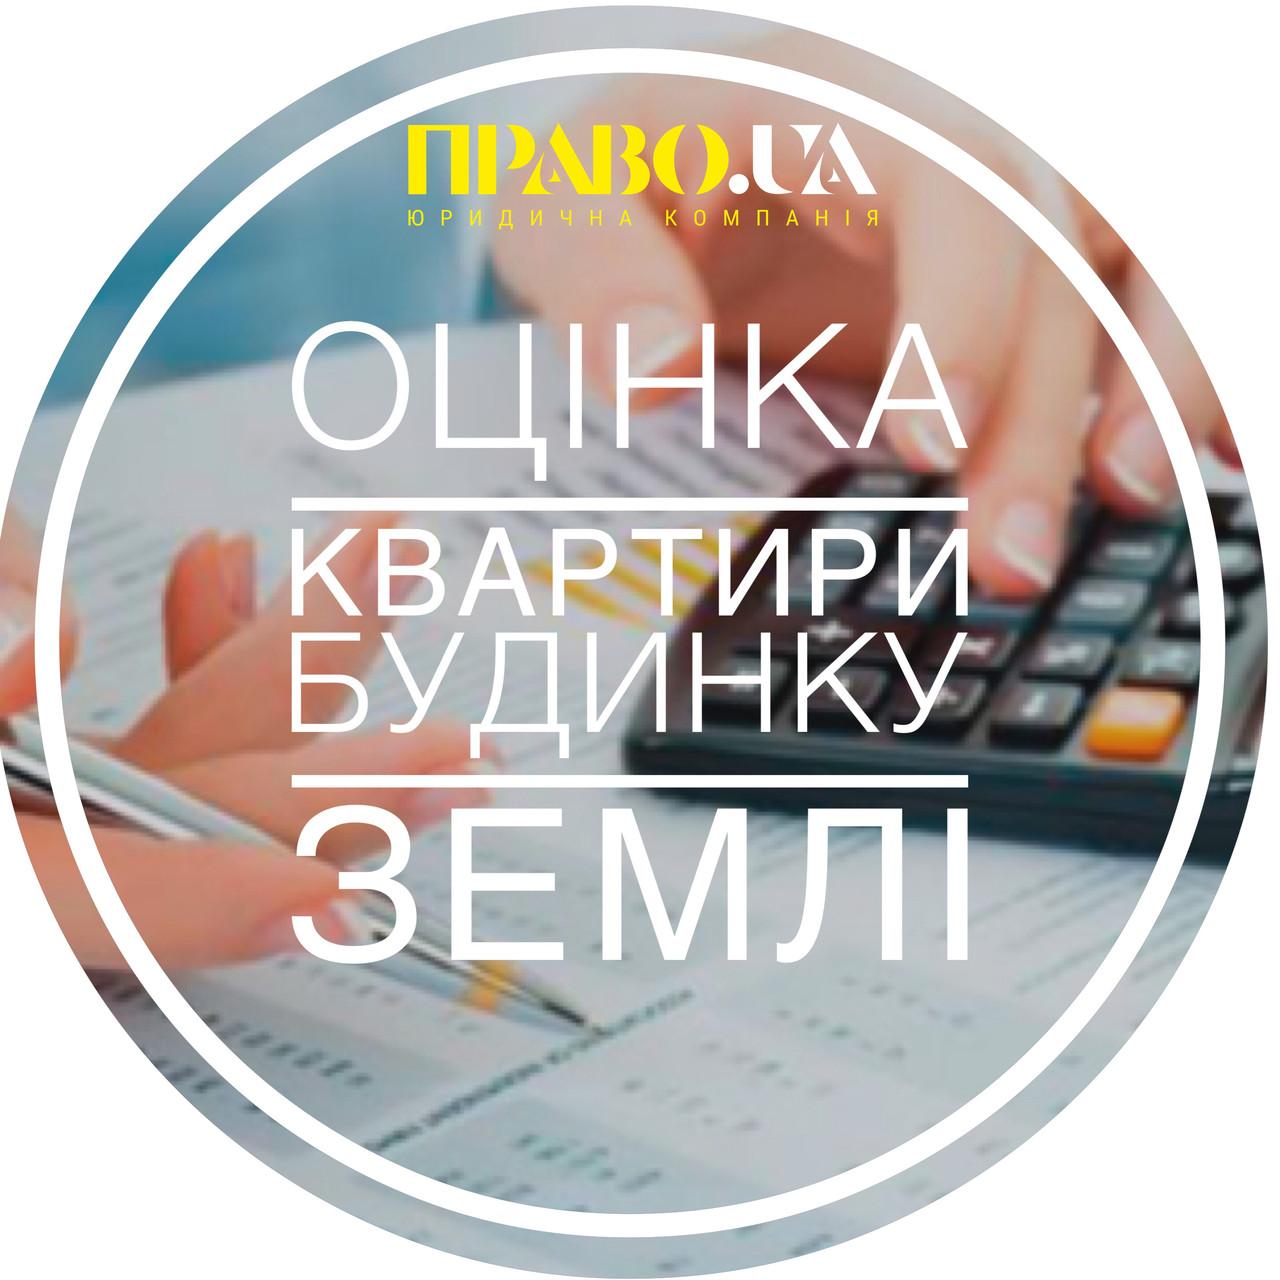 Заказать экспертную оценку, оценка недвижимости, цена 500 грн ... cf6f65e0bc7